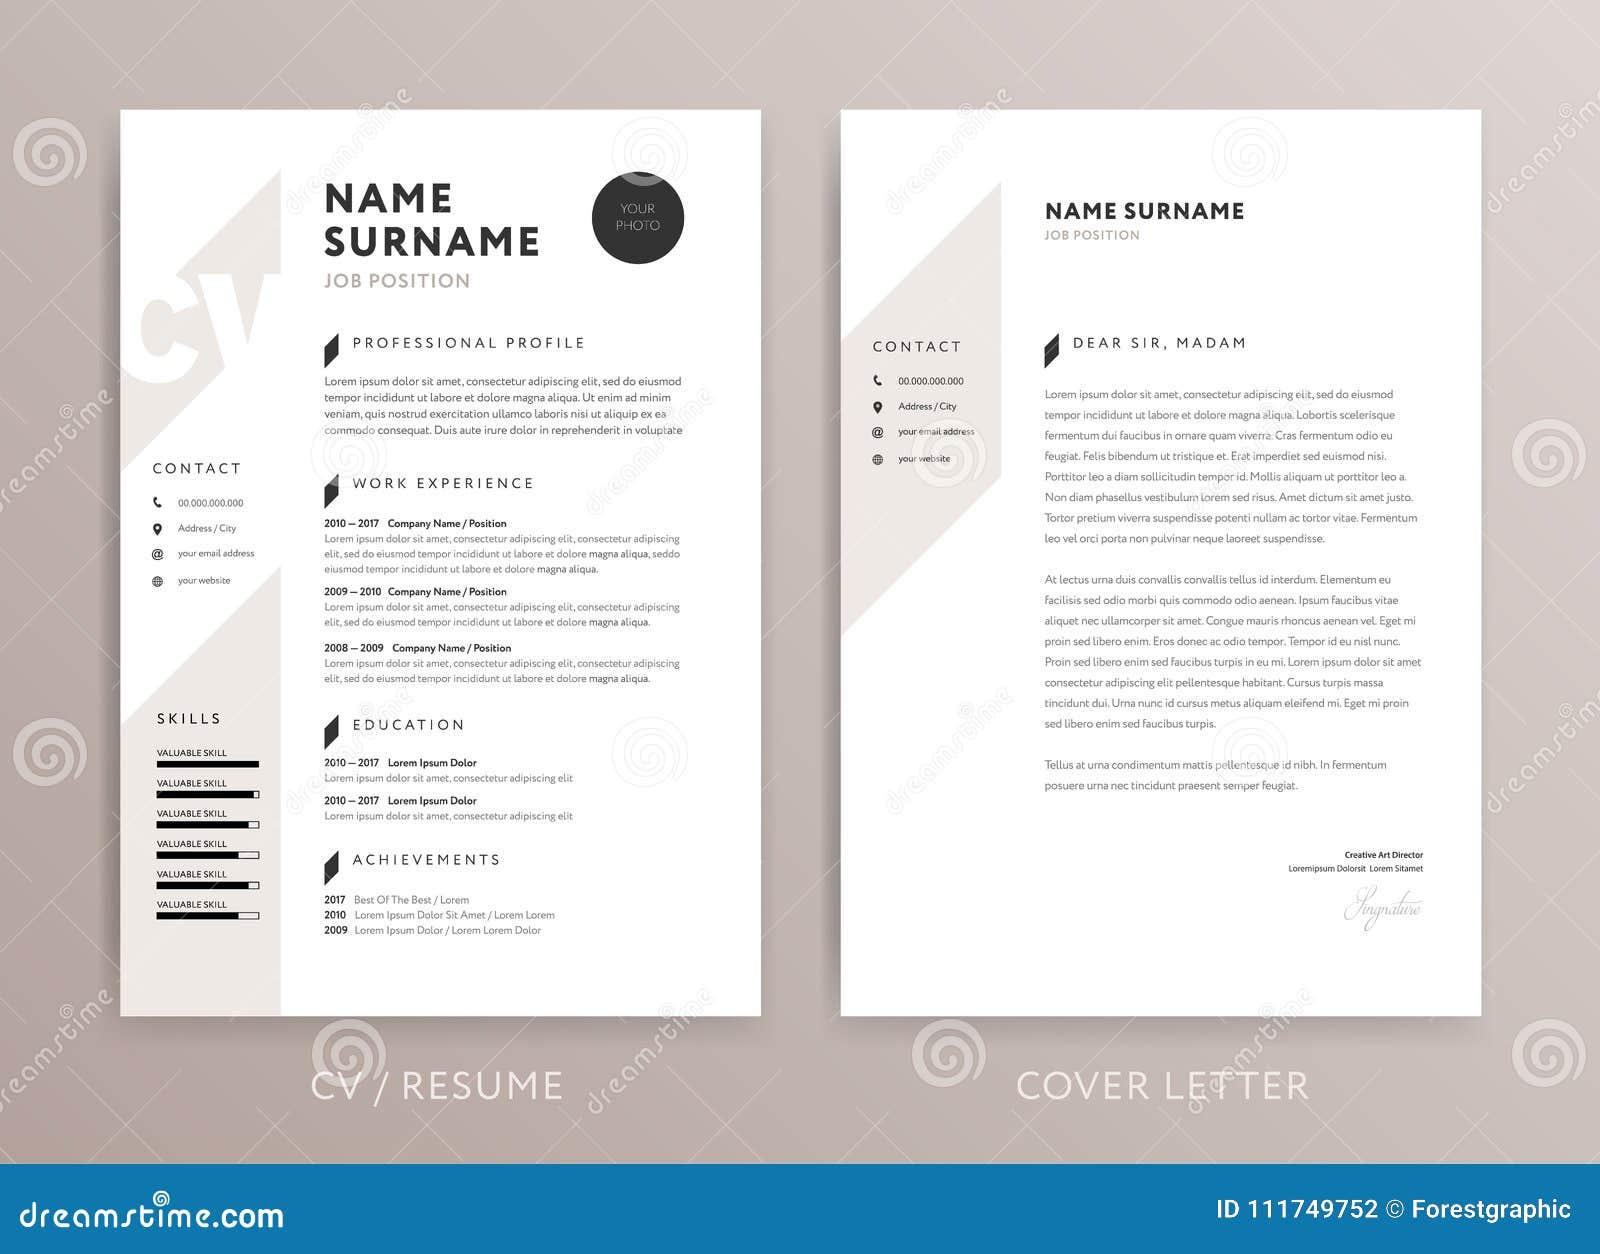 Diseño Elegante Del CV - Plantilla De La Carta De Presentación Del ...